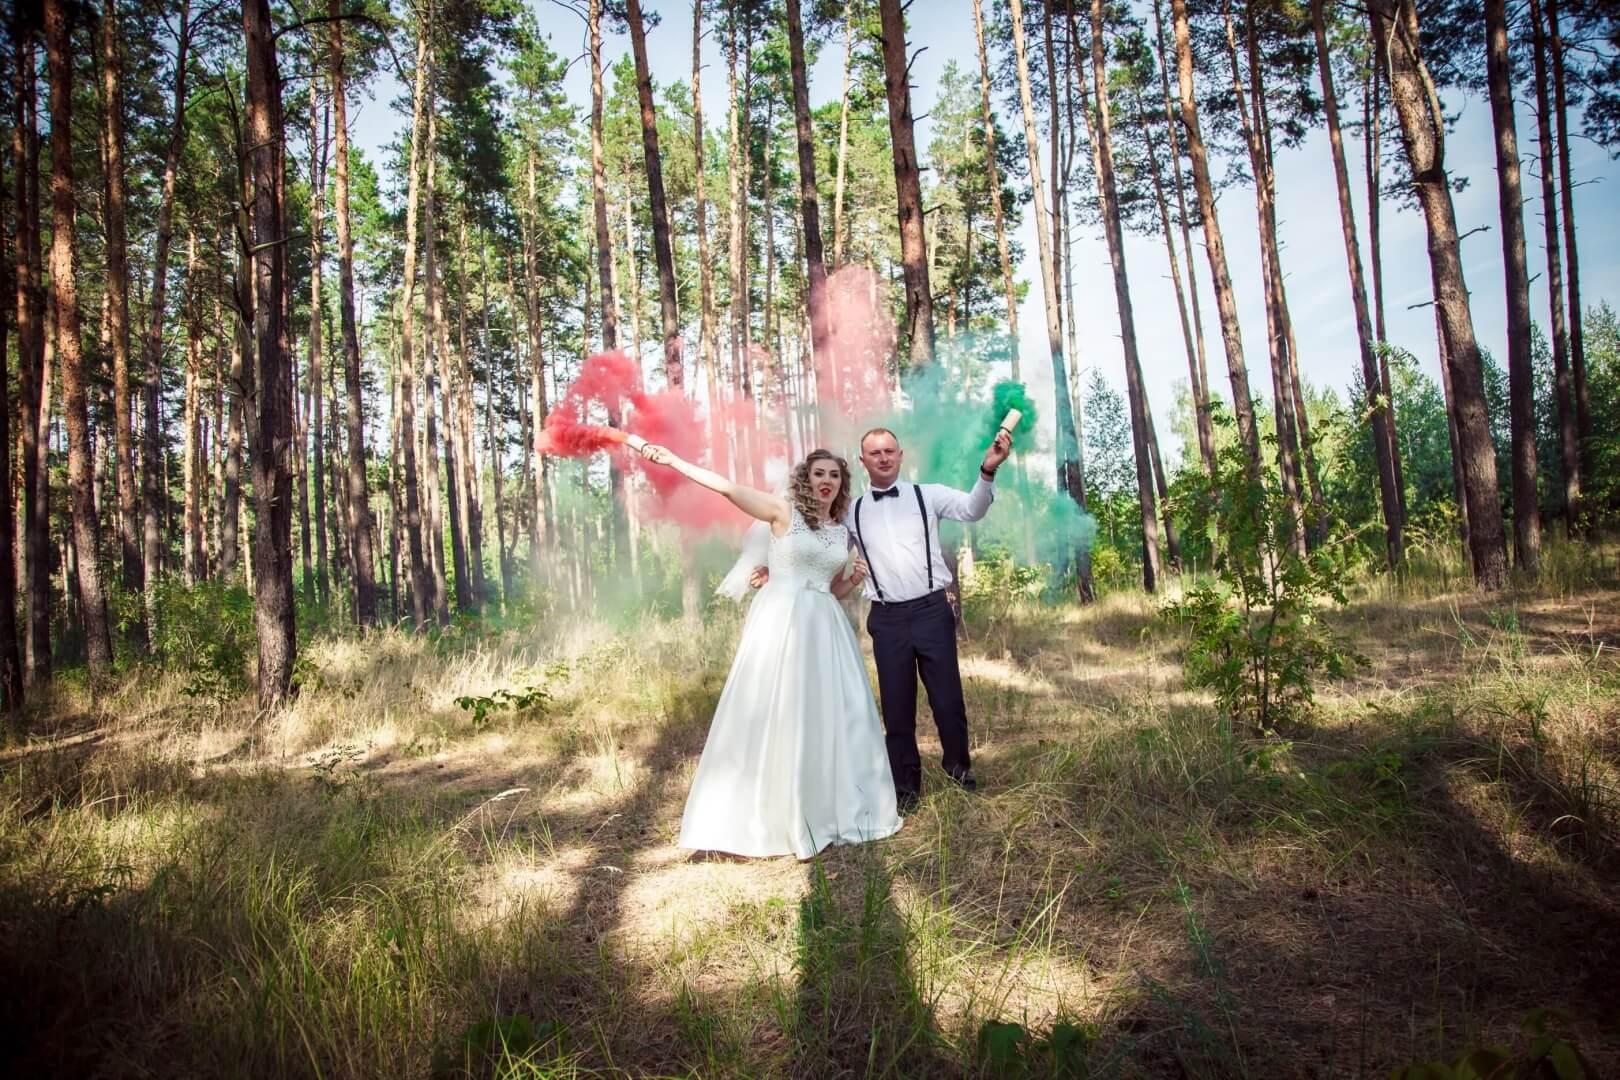 svadebnye foto s dymovymi shashkami fotosessija s dymovoj shashkoj (1)